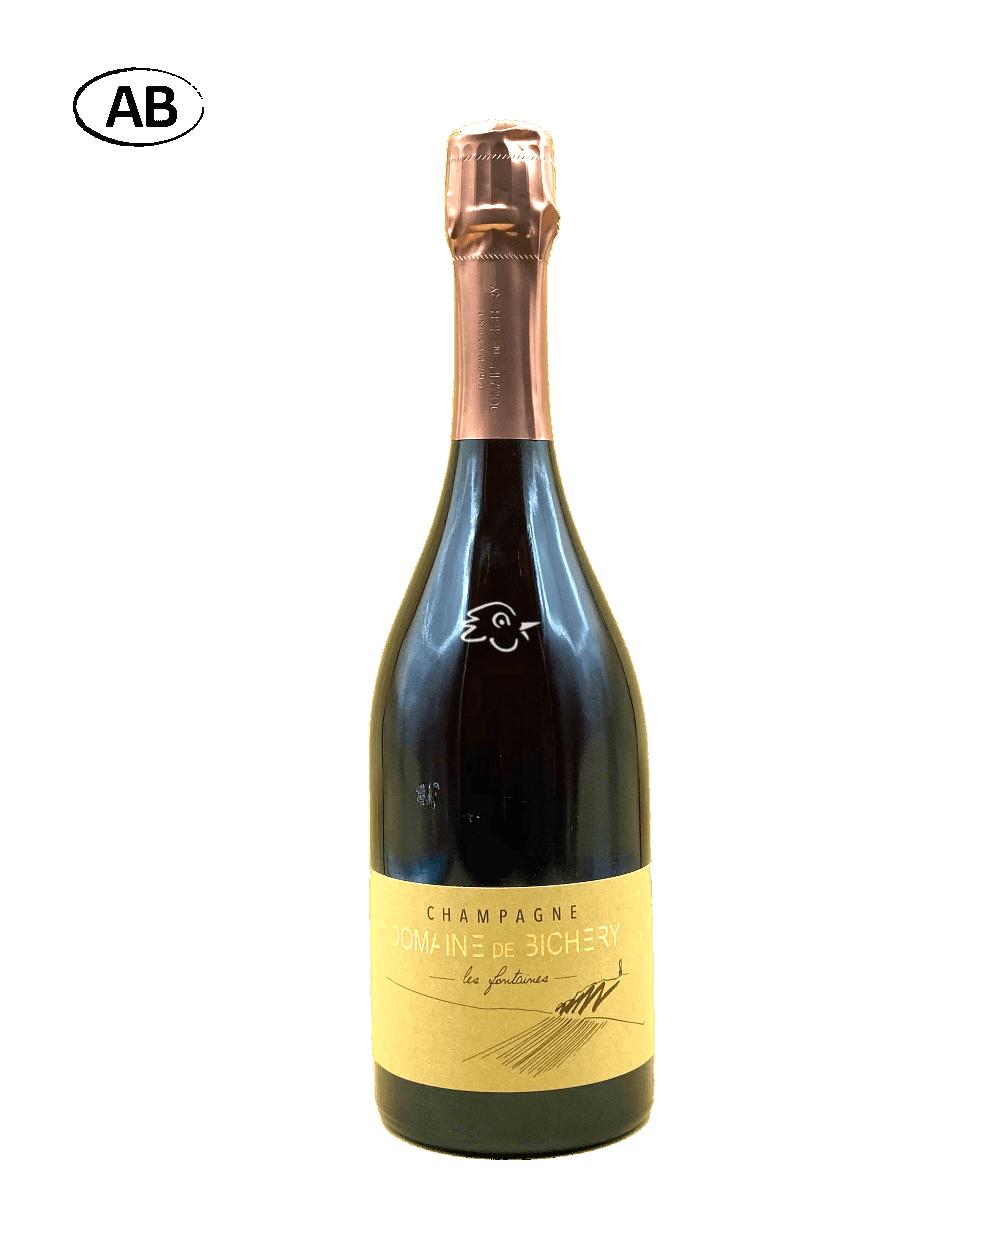 Domaine Champagne de Bichery - Les Fontaines Rosé R17 - Avintures